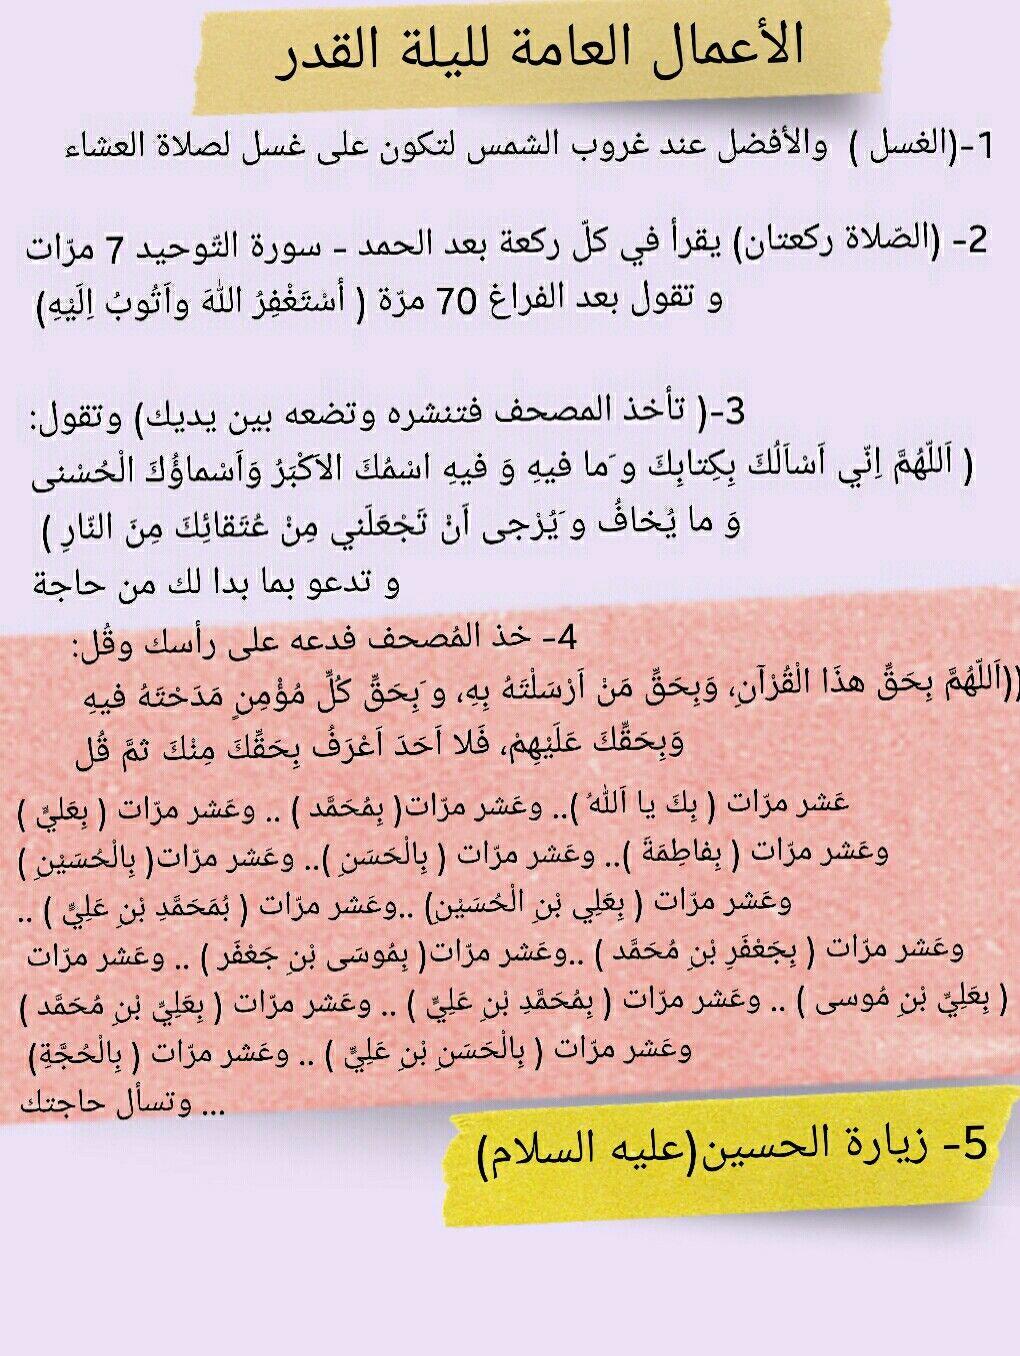 1 أعمال ليلة القدر العامة رمضان تمت الاستفادة من المصدر حقيبة المؤمن شبكة الكفيل العالمية Sal Journal Bullet Journal